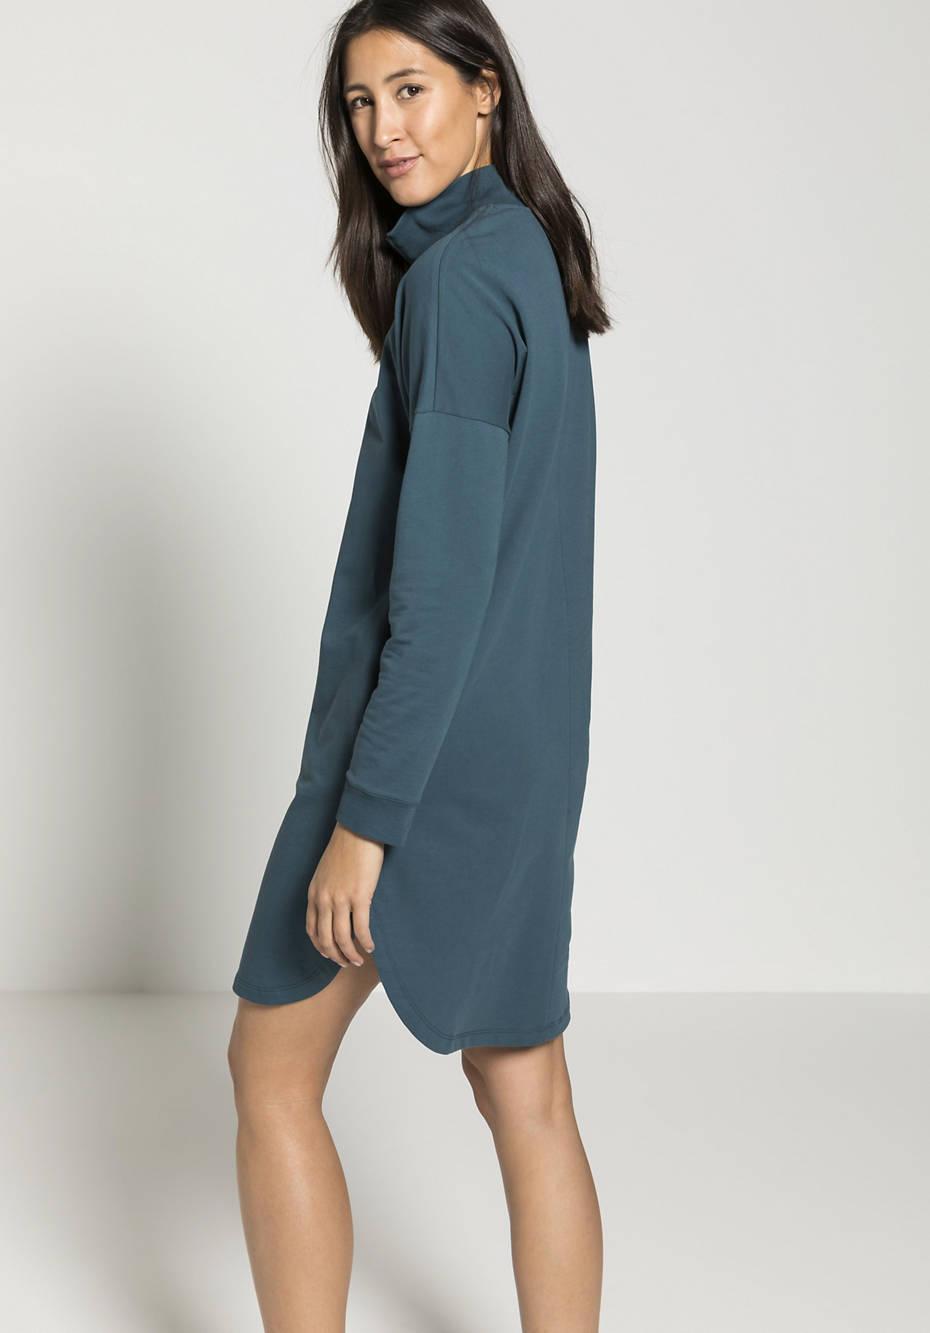 Sweat dress made of organic cotton with kapok